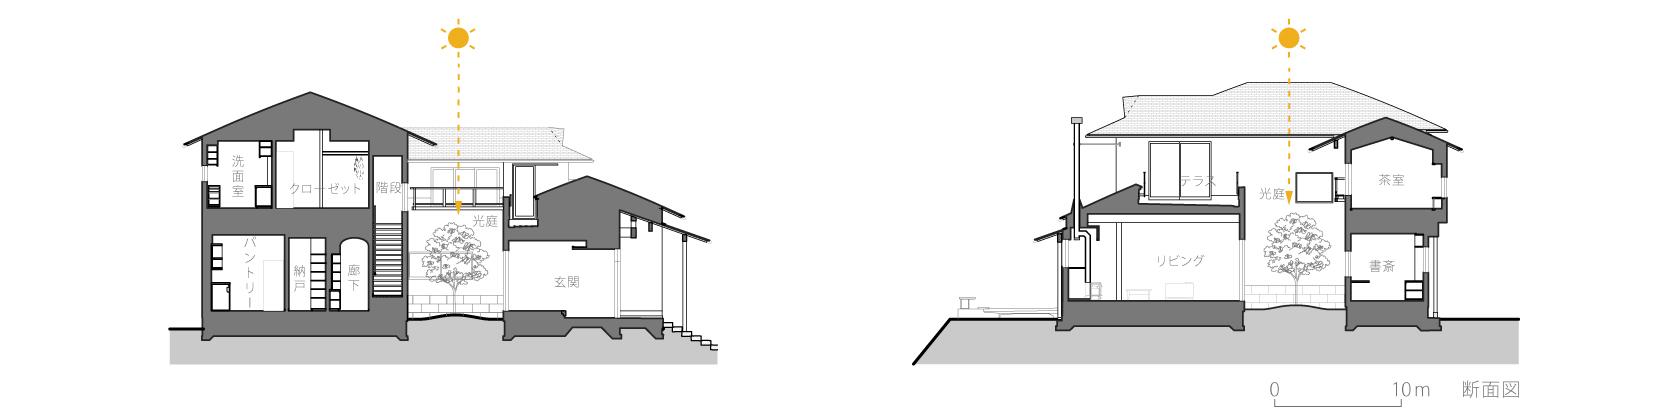 神奈川K邸8-断面図